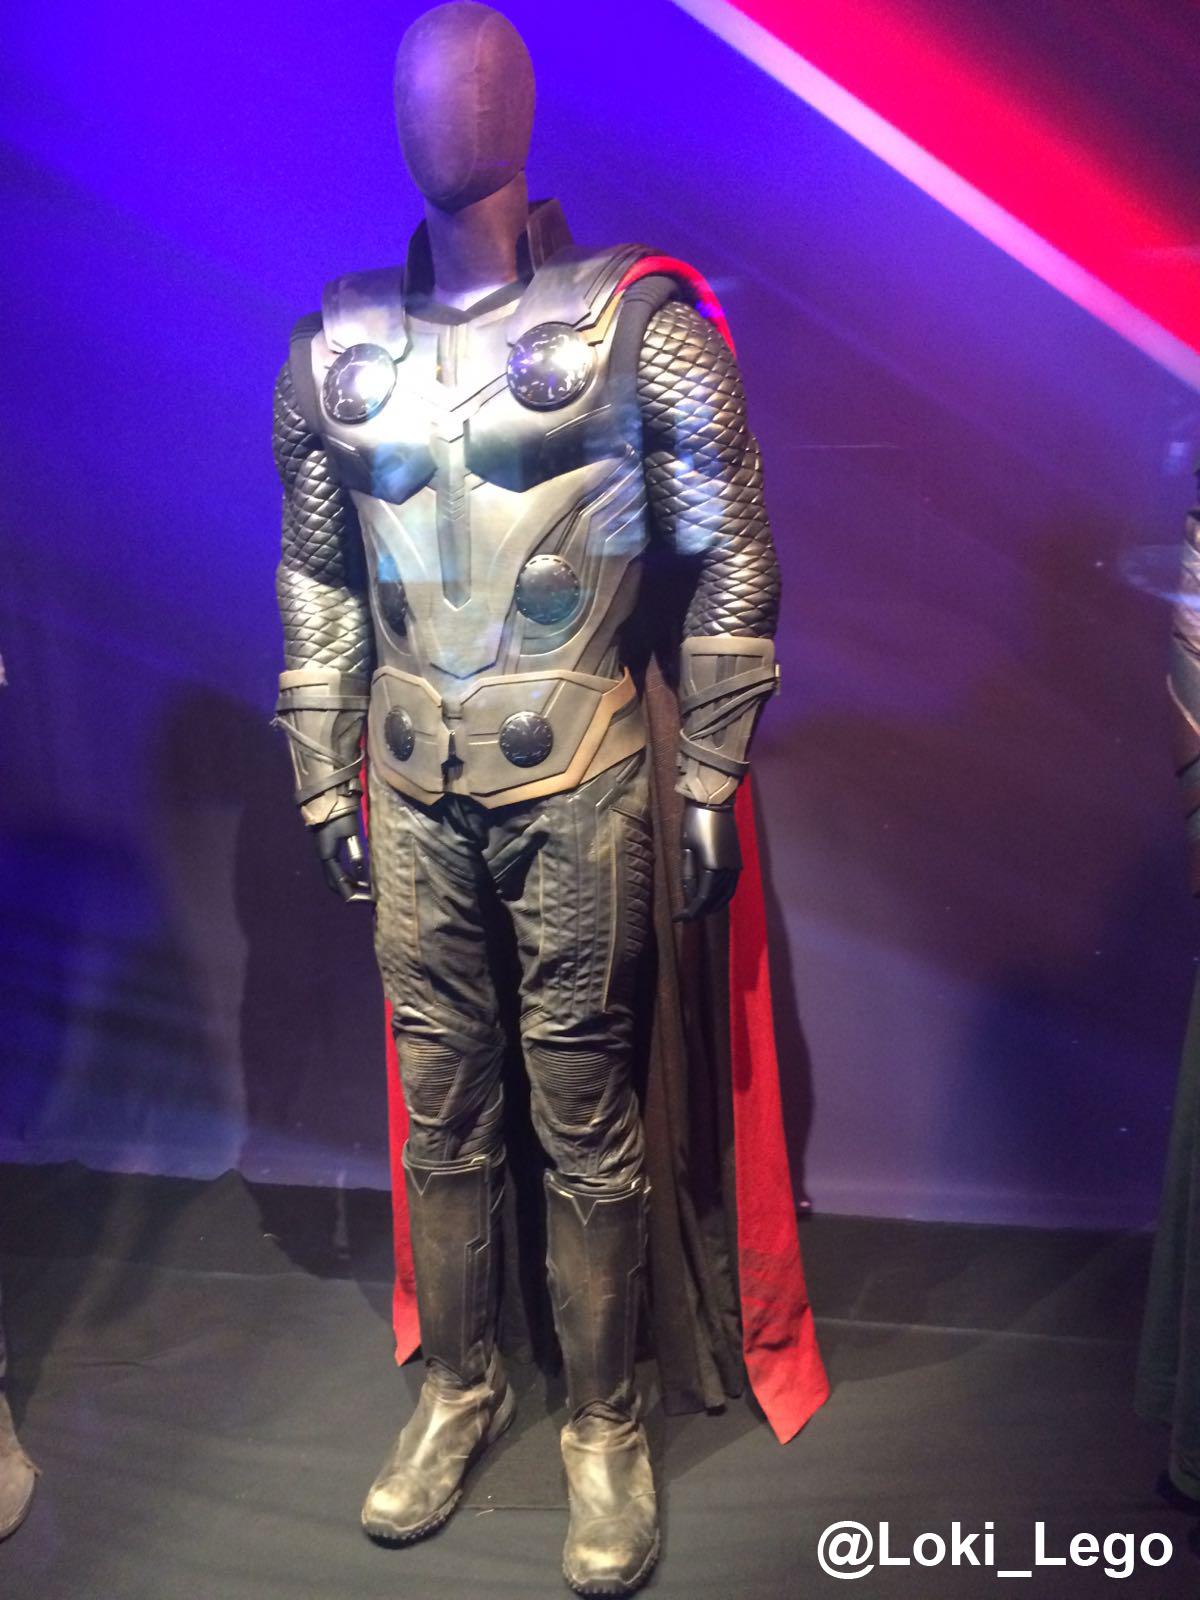 Avengers Infinity War Costumes At The El Capitan Theatre